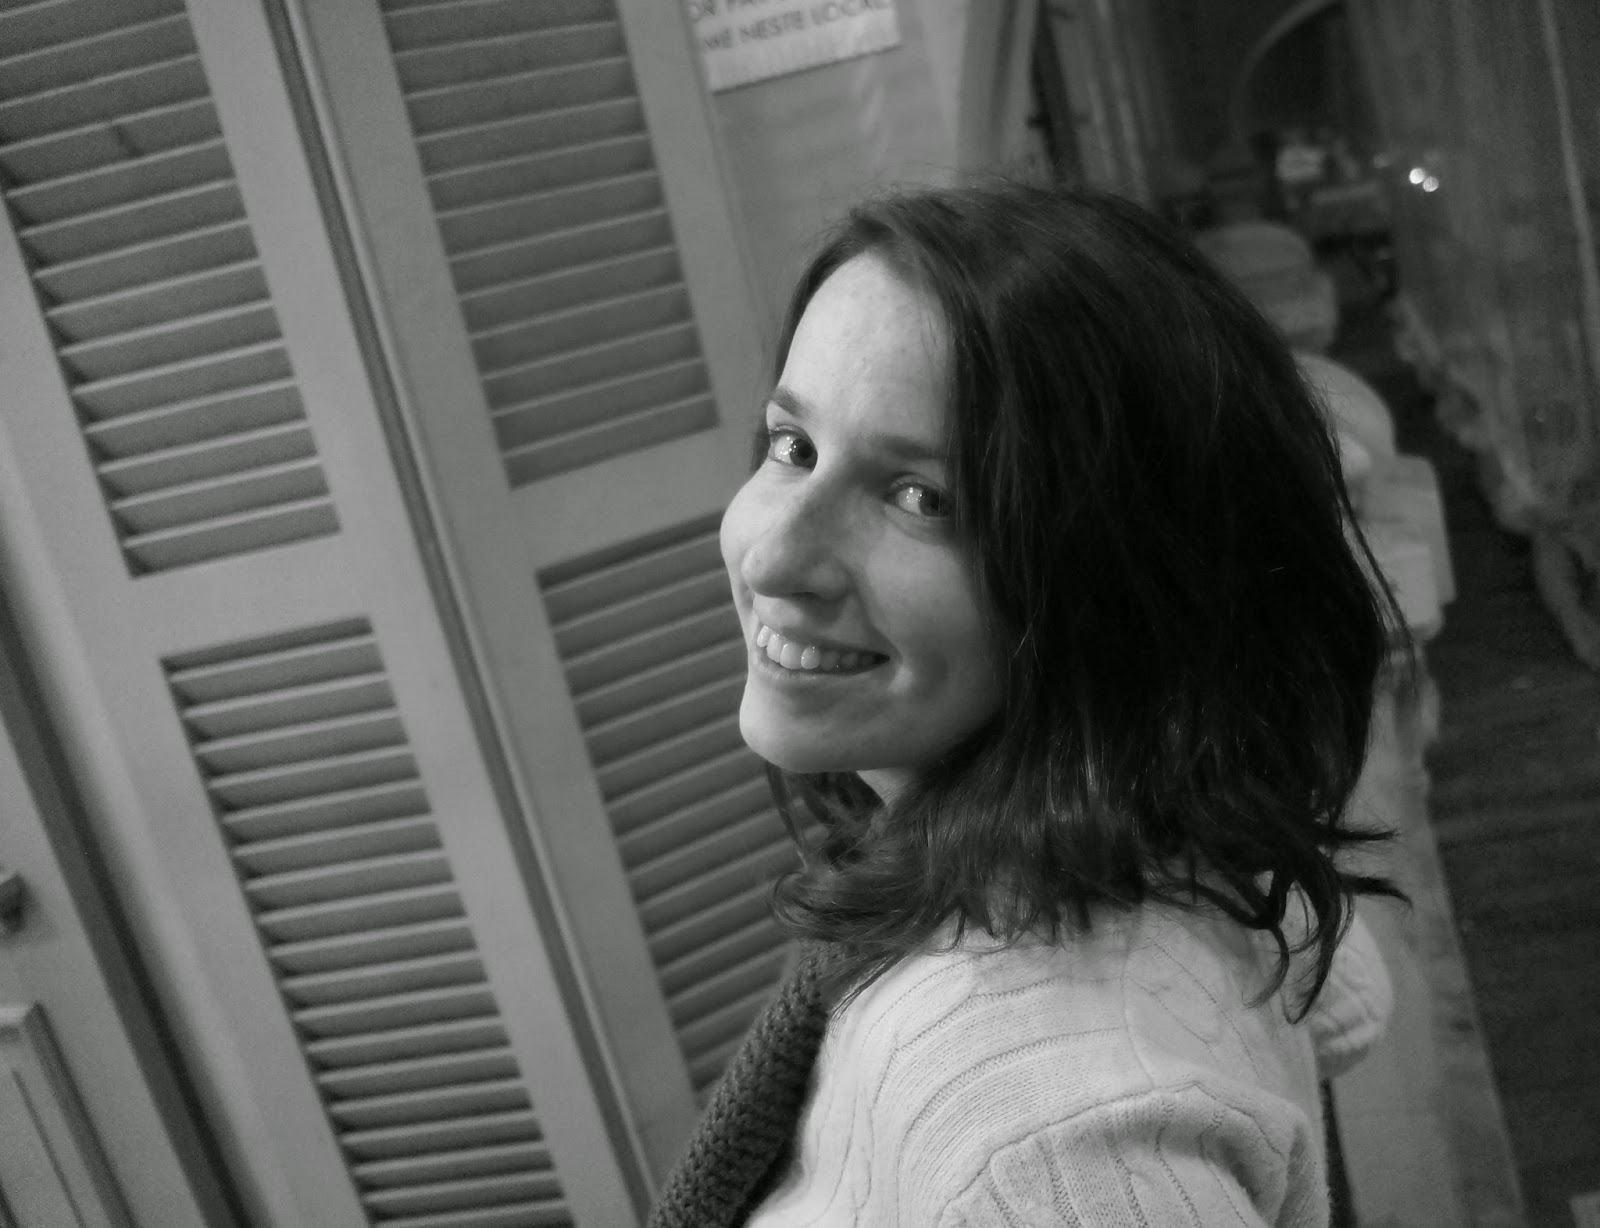 Julia Dantas em foto sem crédito encontrada na rede